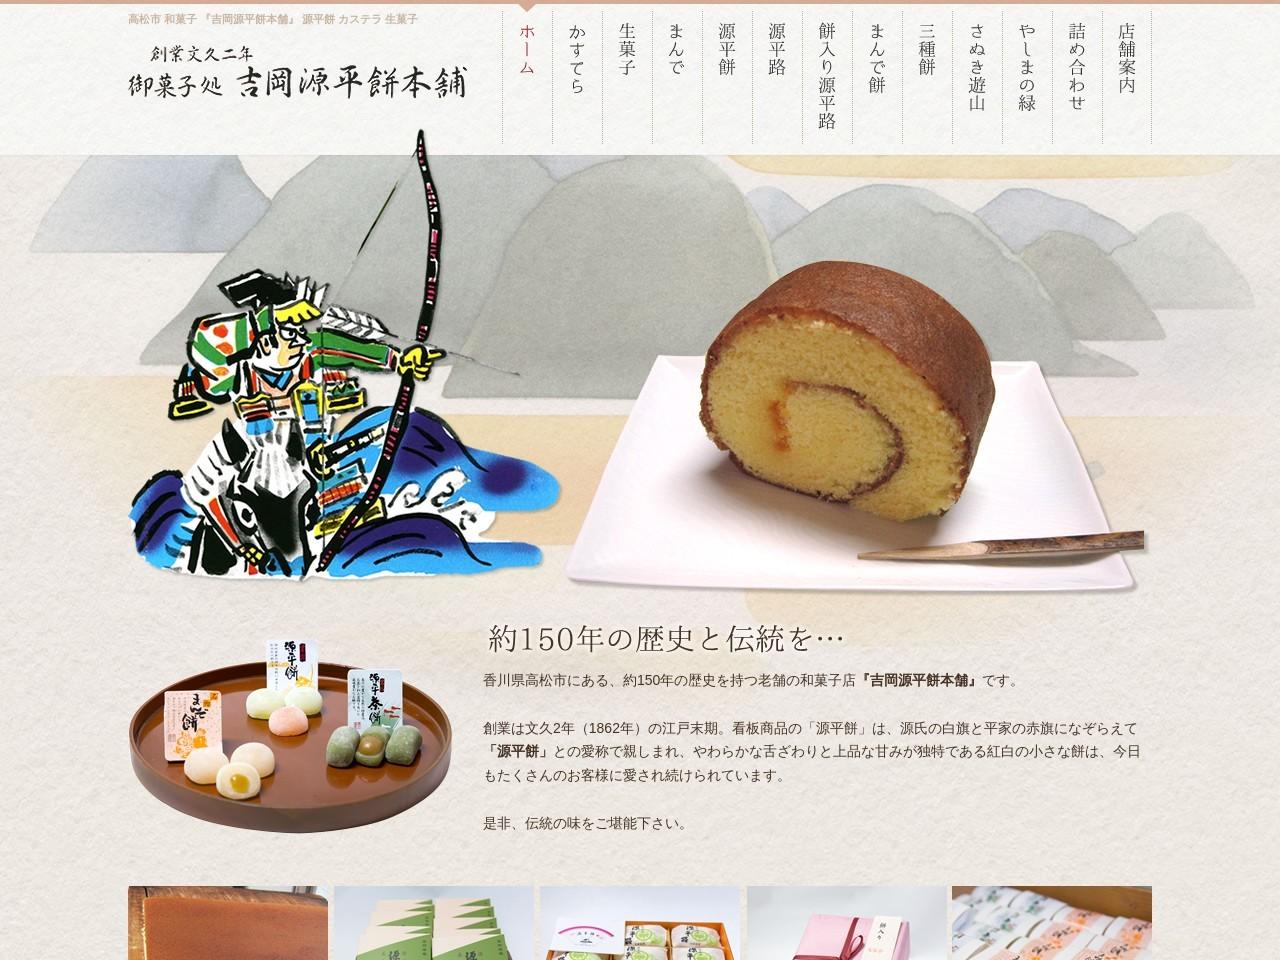 有限会社吉岡源平餅本舗